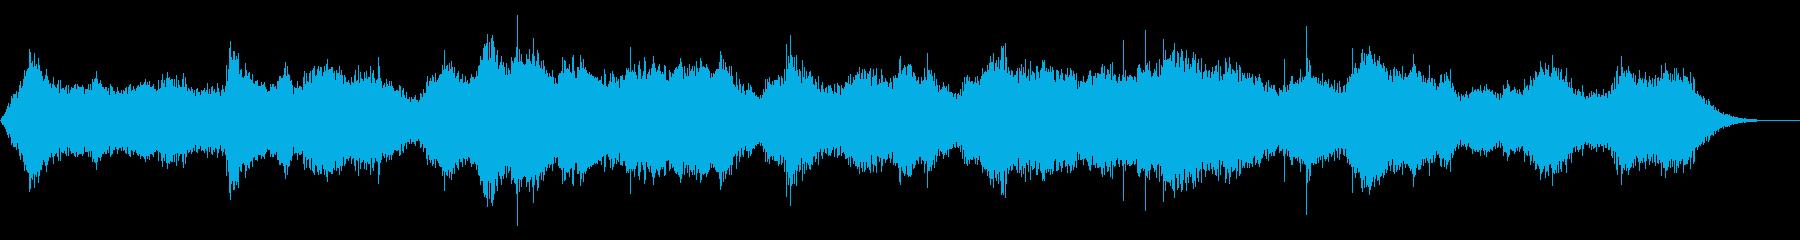 背景音(ホラー)の再生済みの波形